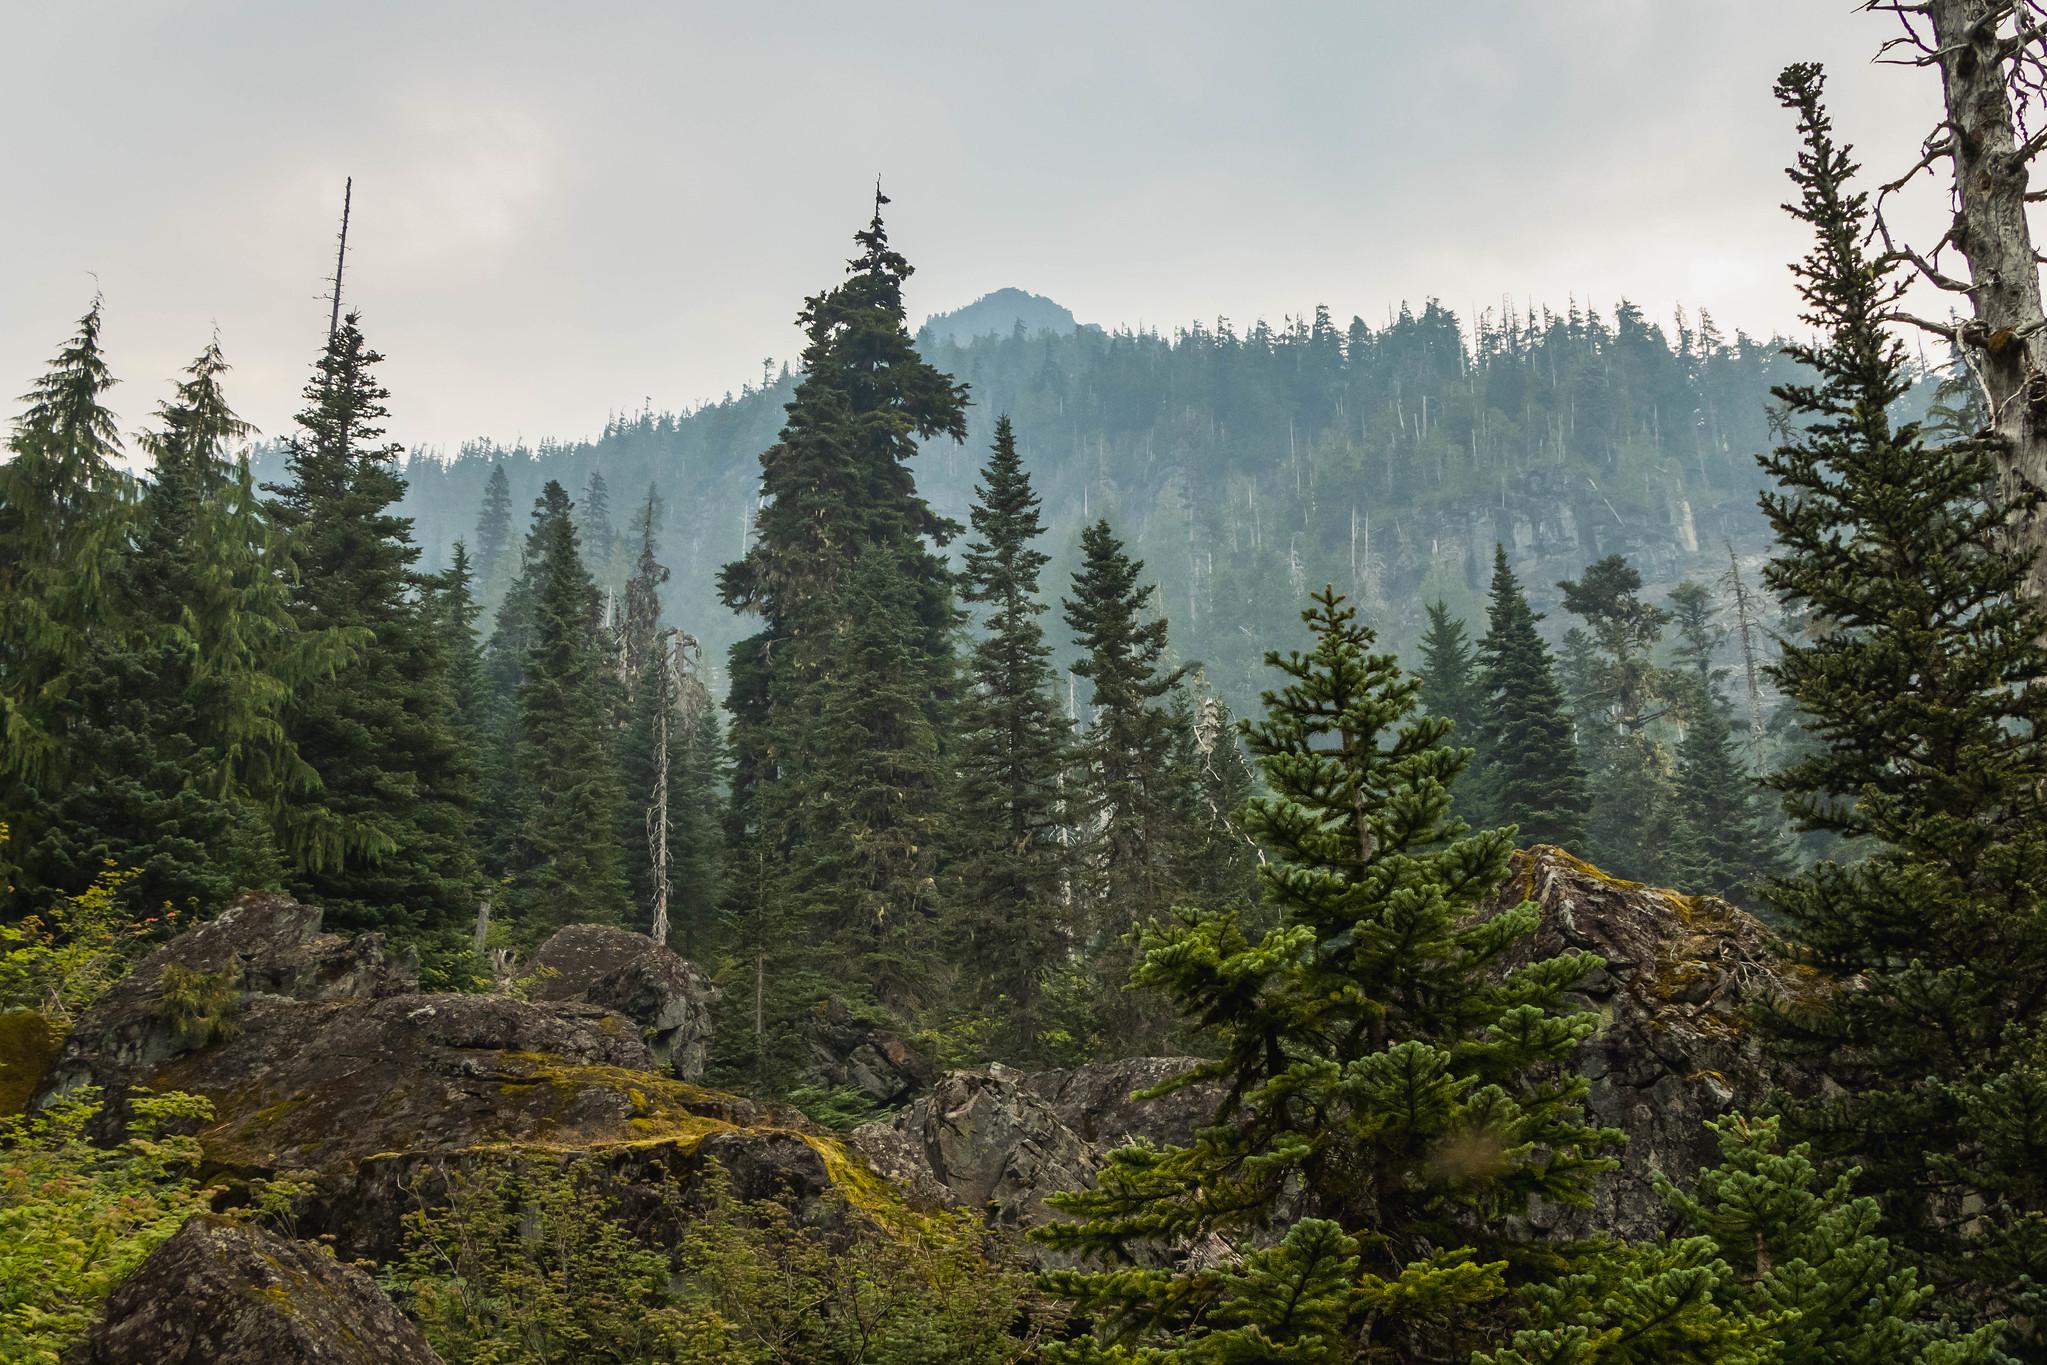 Mount Rudderham summit poking out